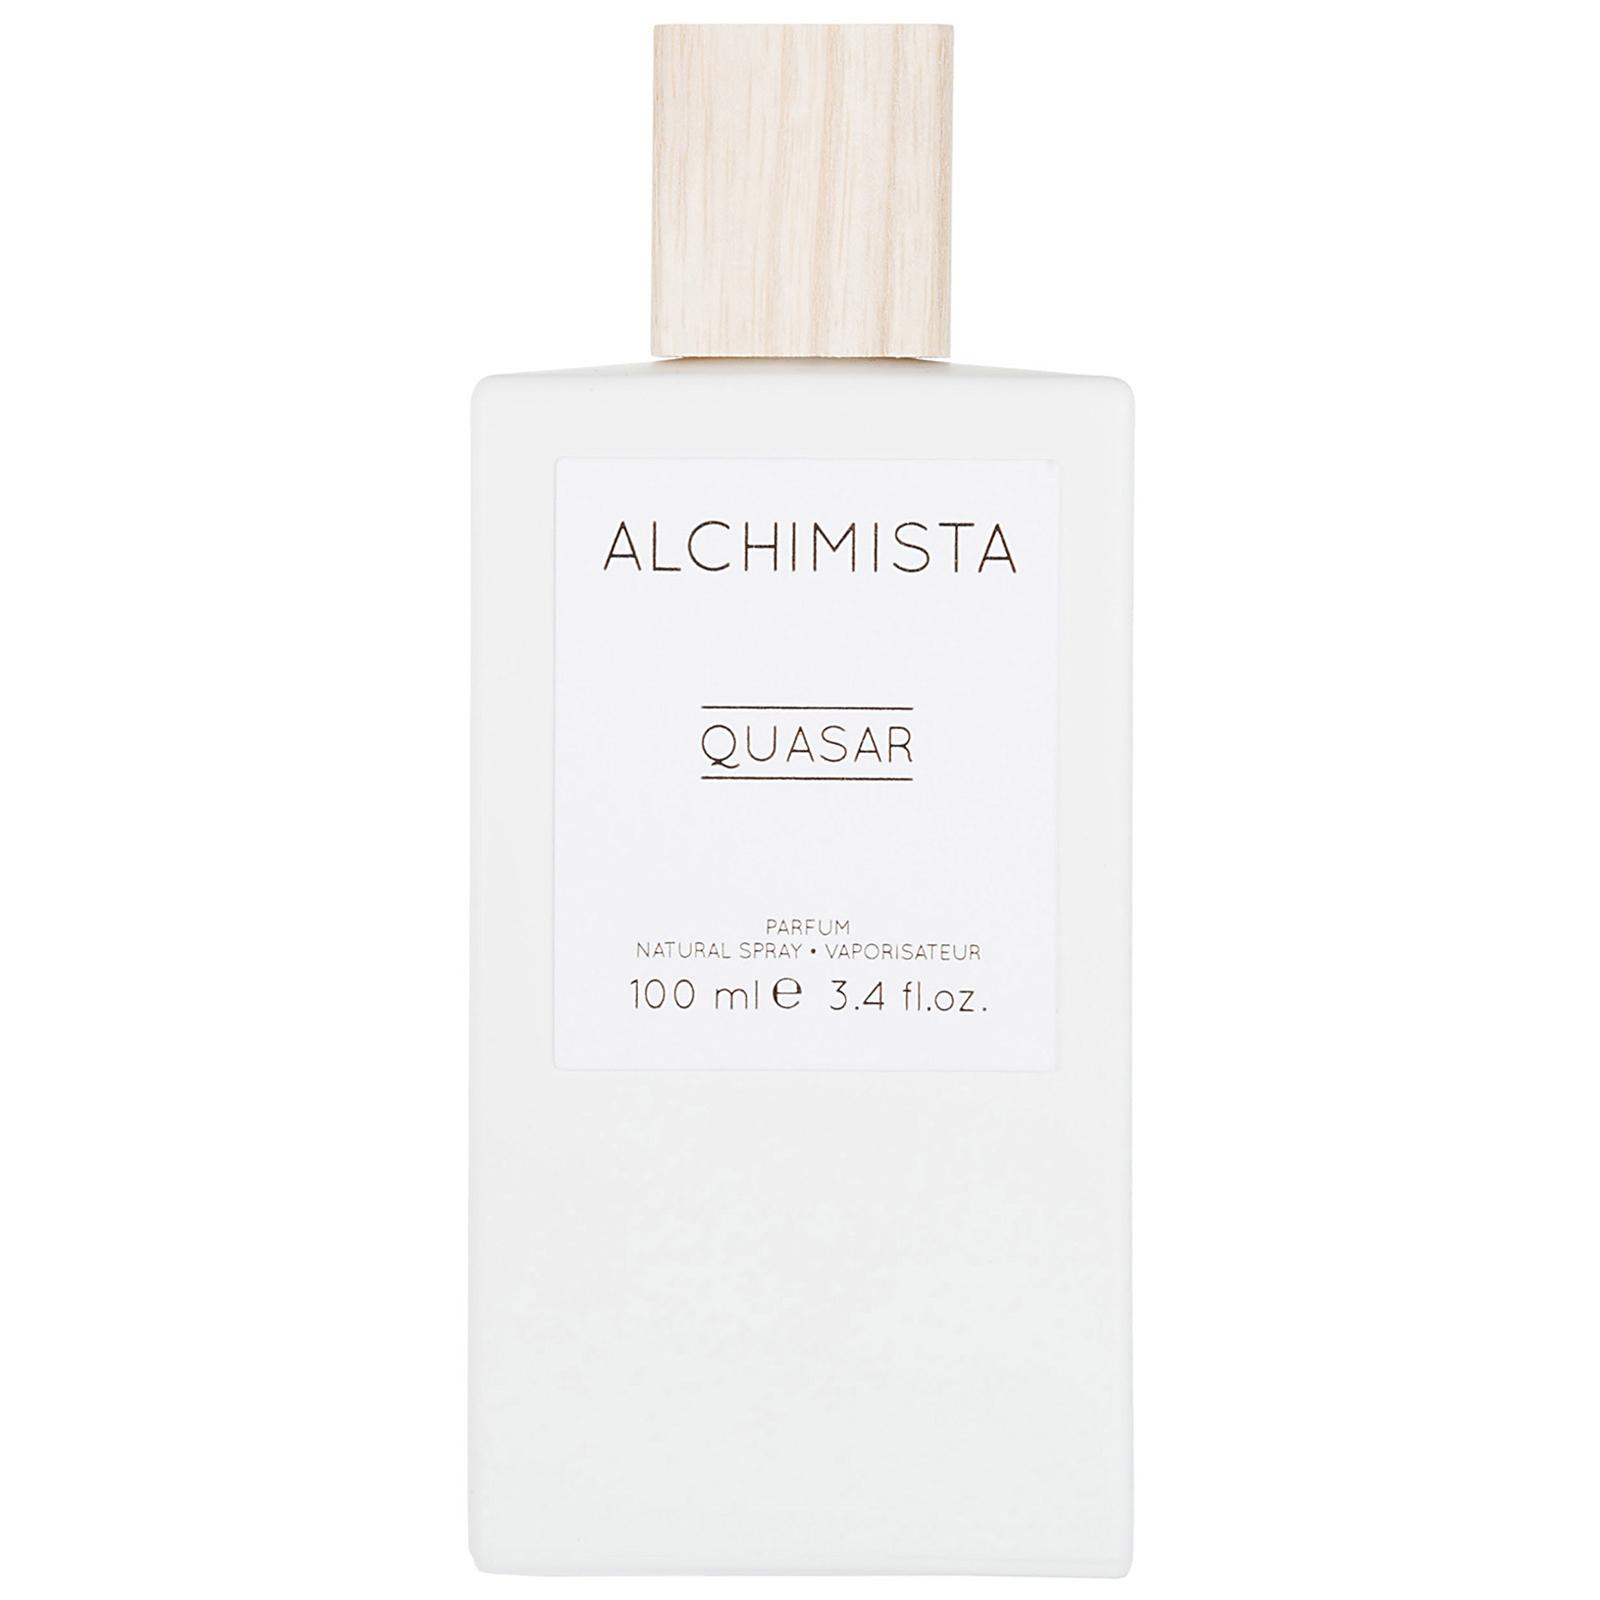 Quasar profumo parfum 100 ml